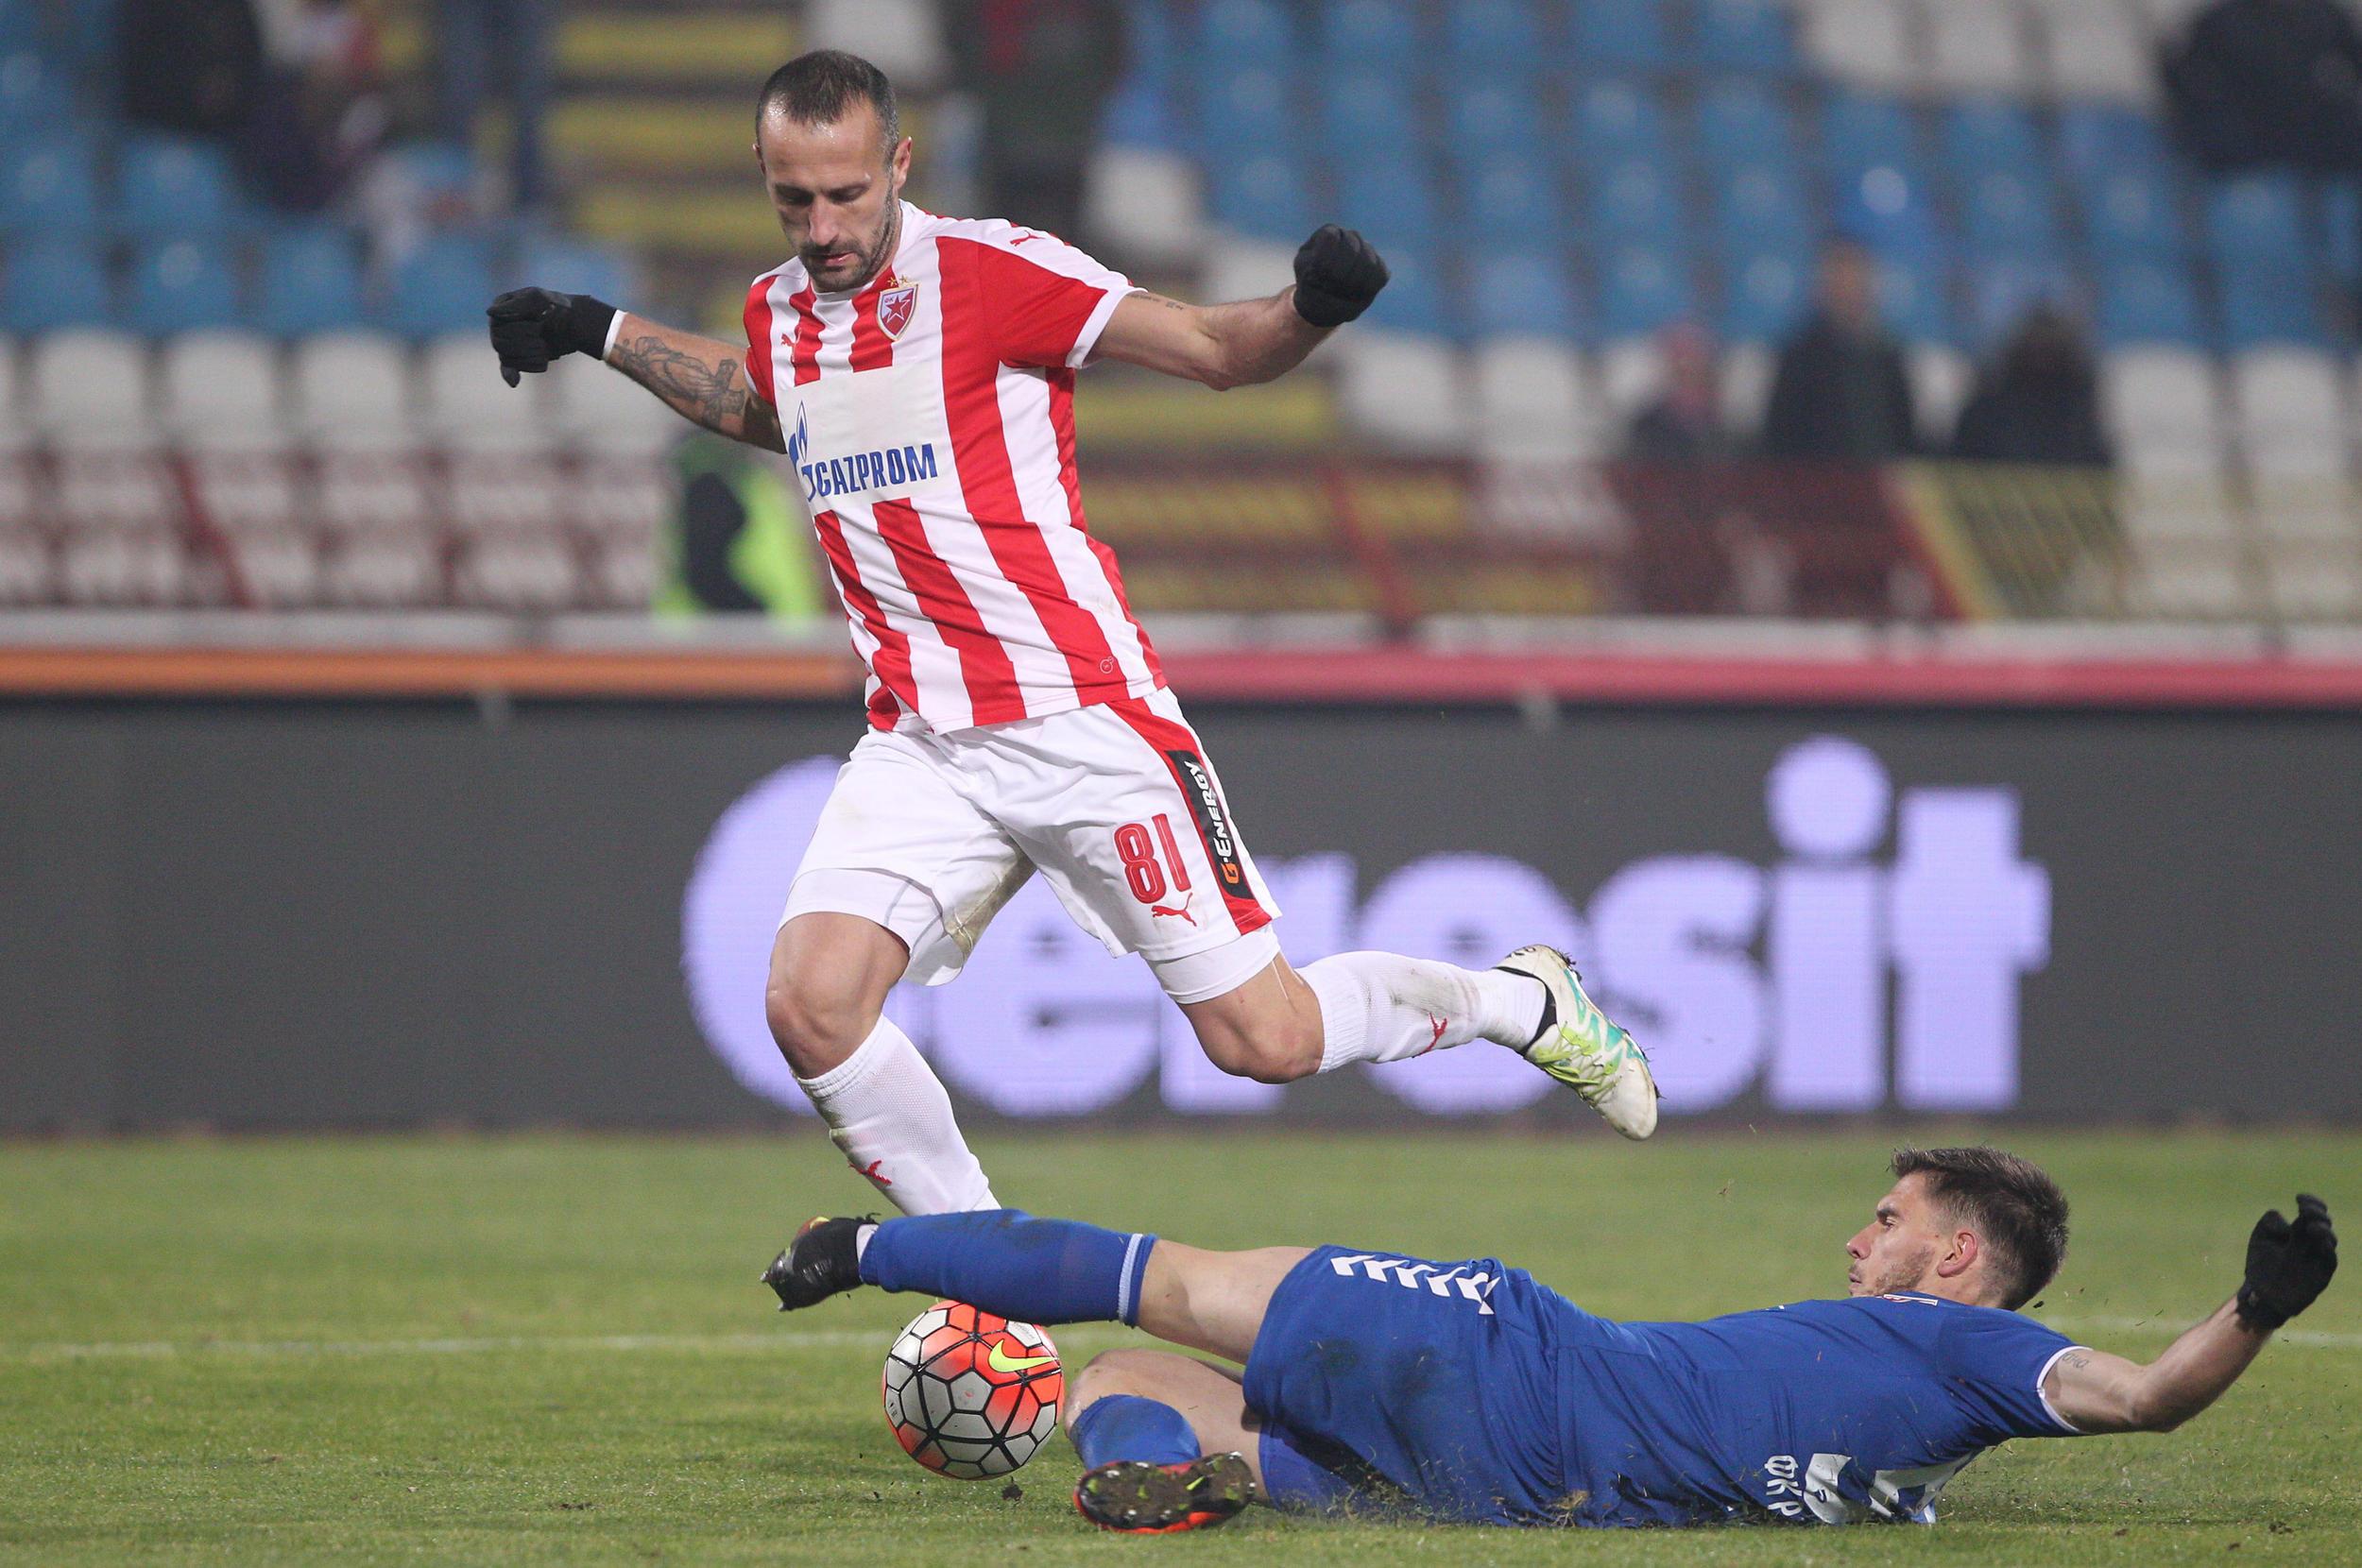 GOTOVO-Predrag-Sikimic-nastavlja-karijeru-u-klubu-za-koji-verovatno-nikad-niste-culi-FOTO